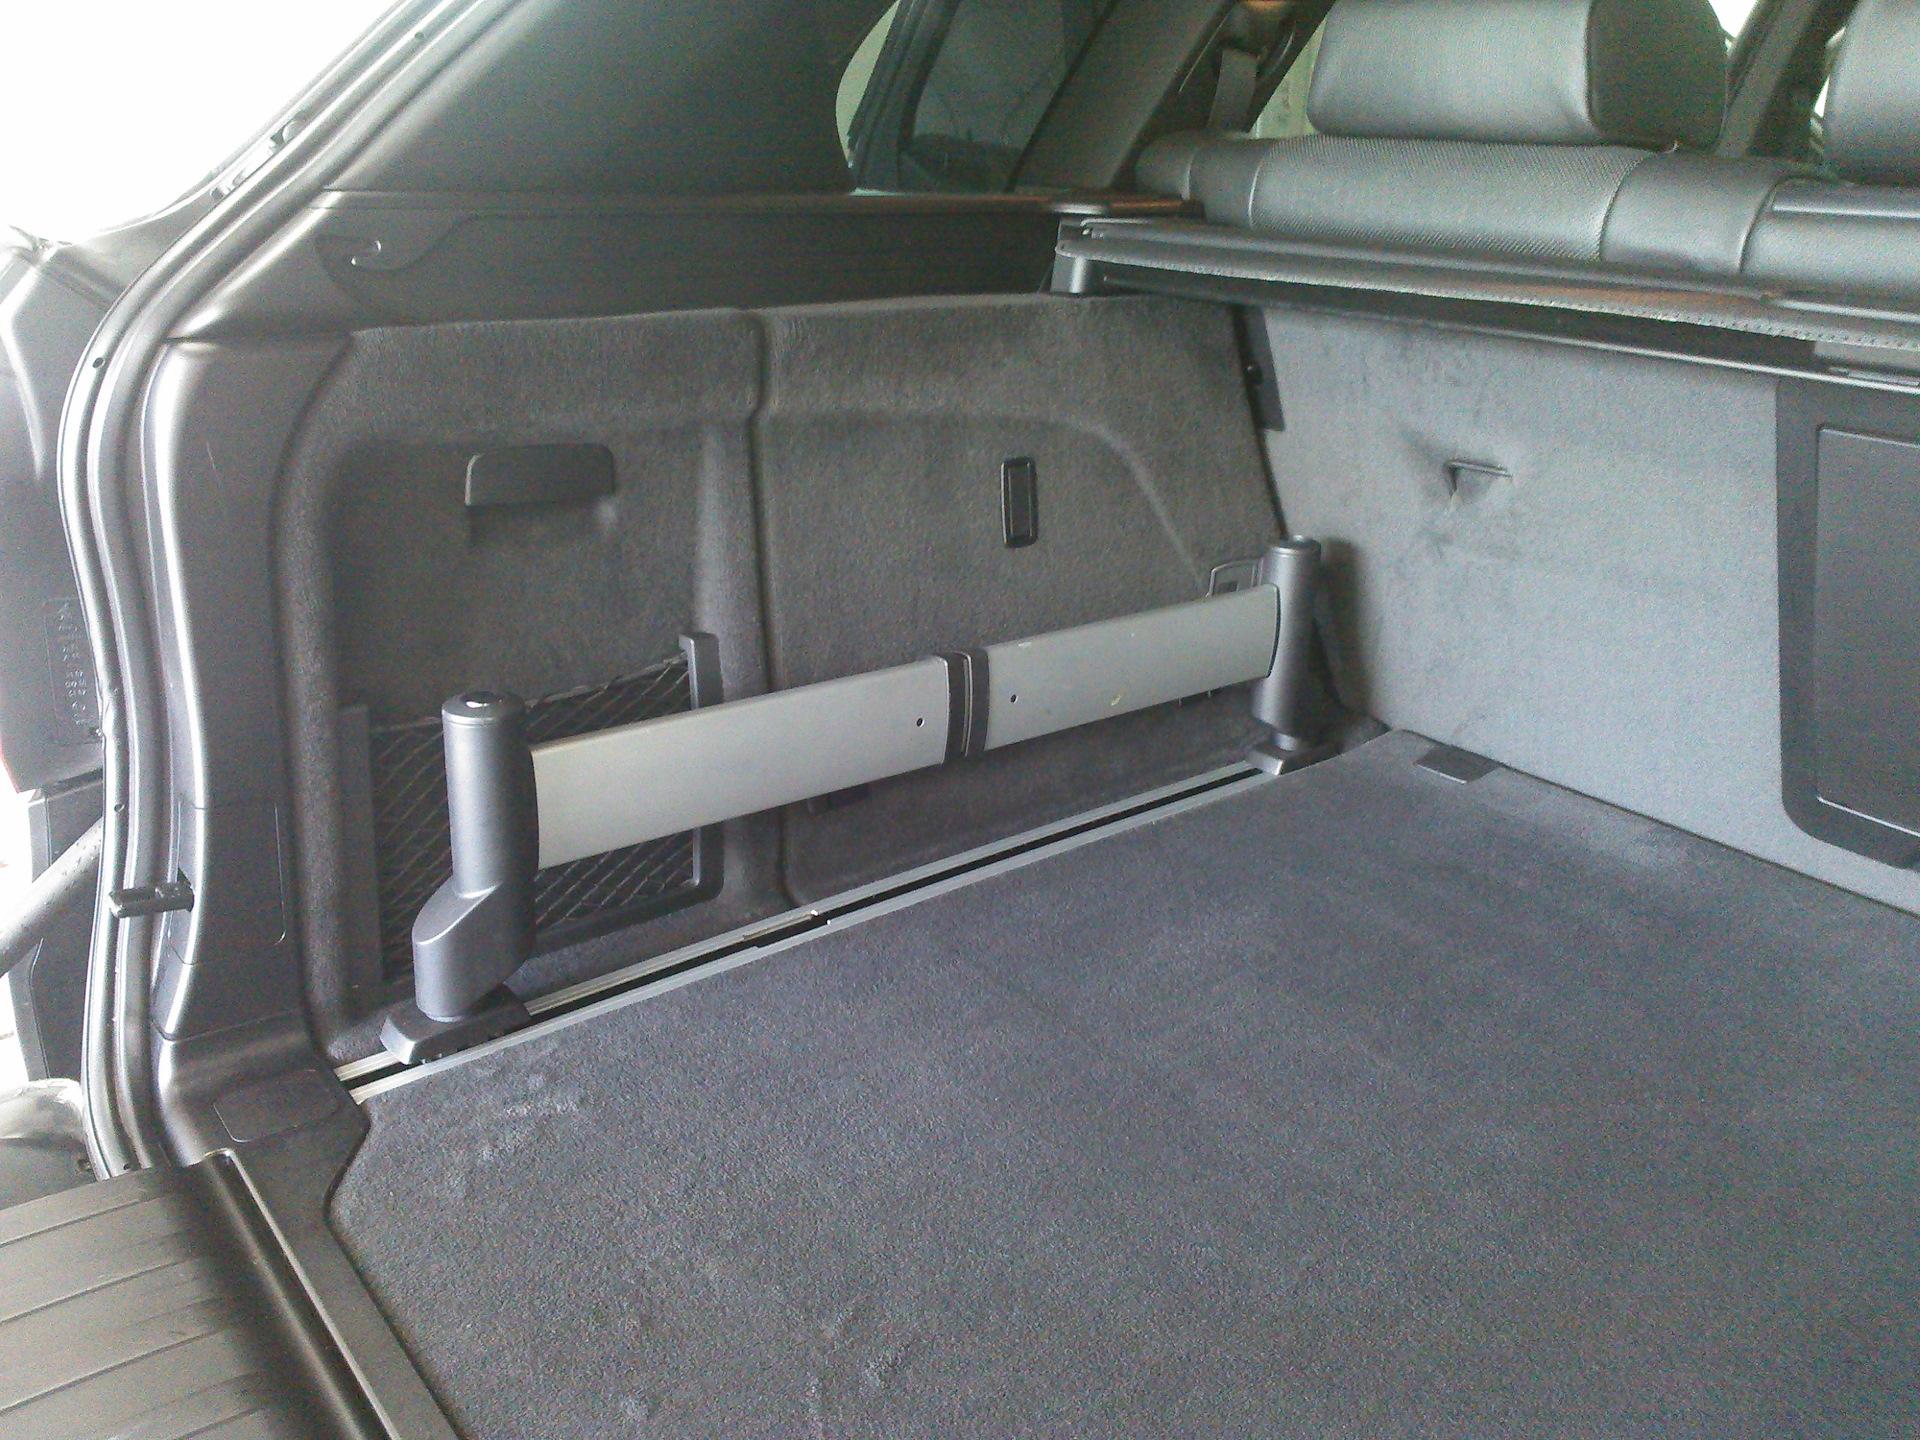 Система удержания груза в багажнике — pic 12